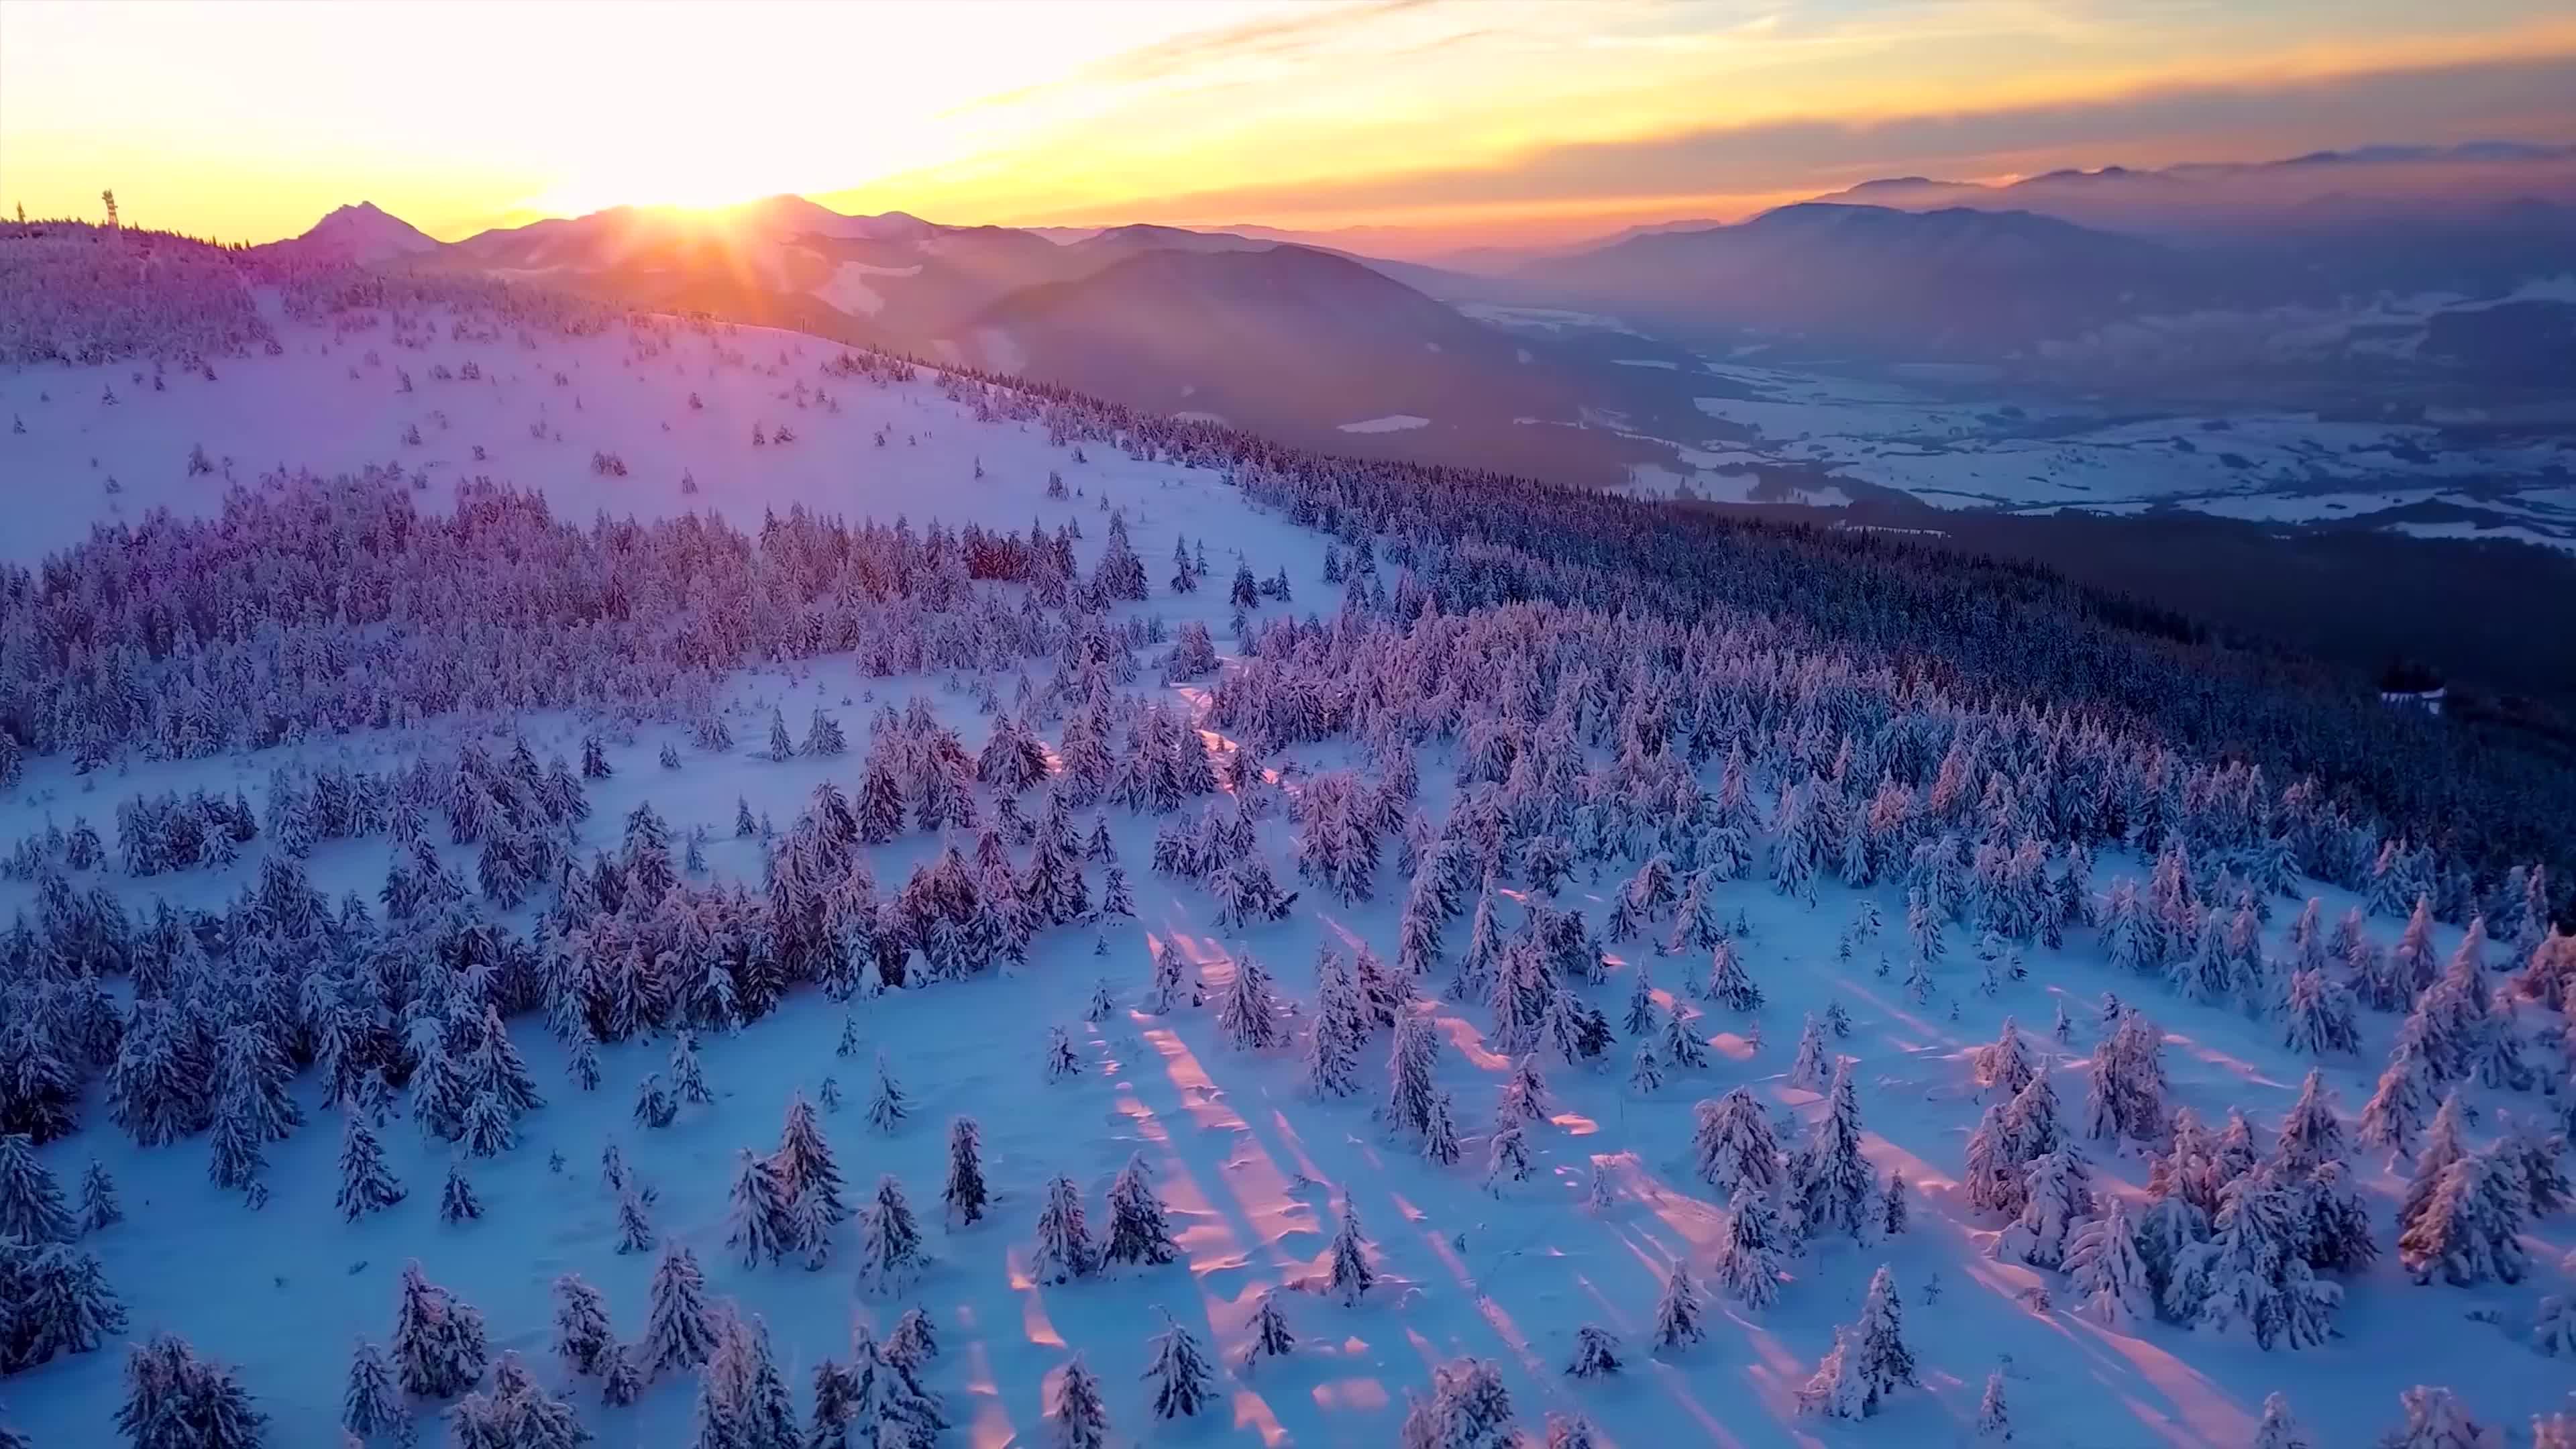 实拍冬季森林雪景视频素材